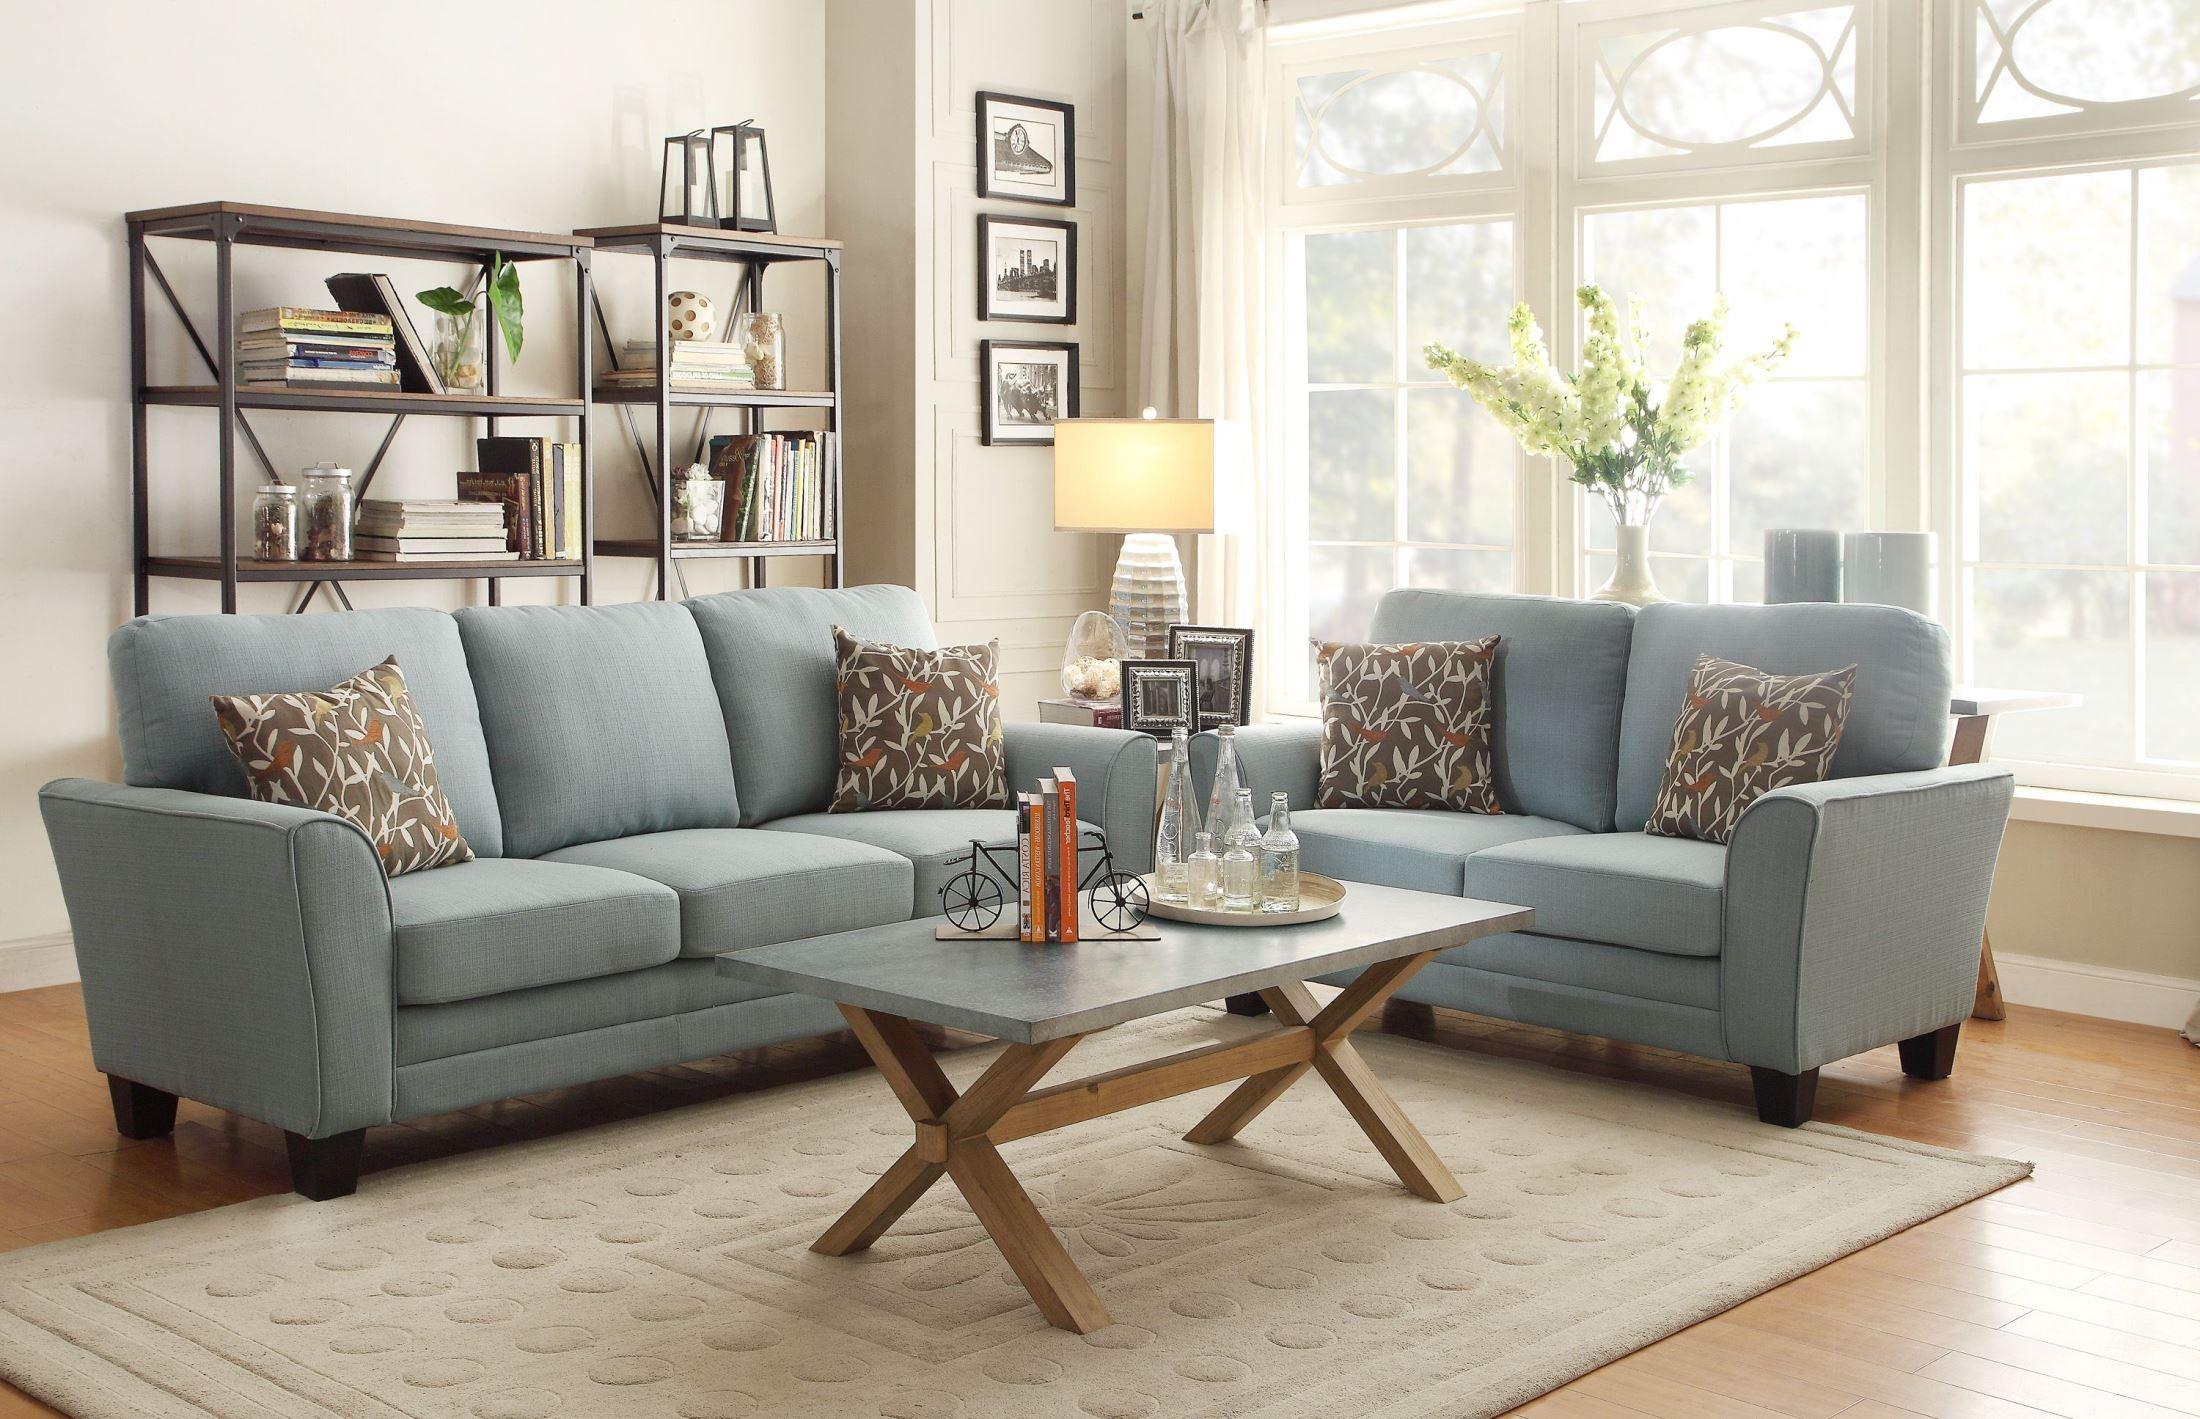 adair teal living room set from homelegance 8413tl 3 coleman furniture. Black Bedroom Furniture Sets. Home Design Ideas